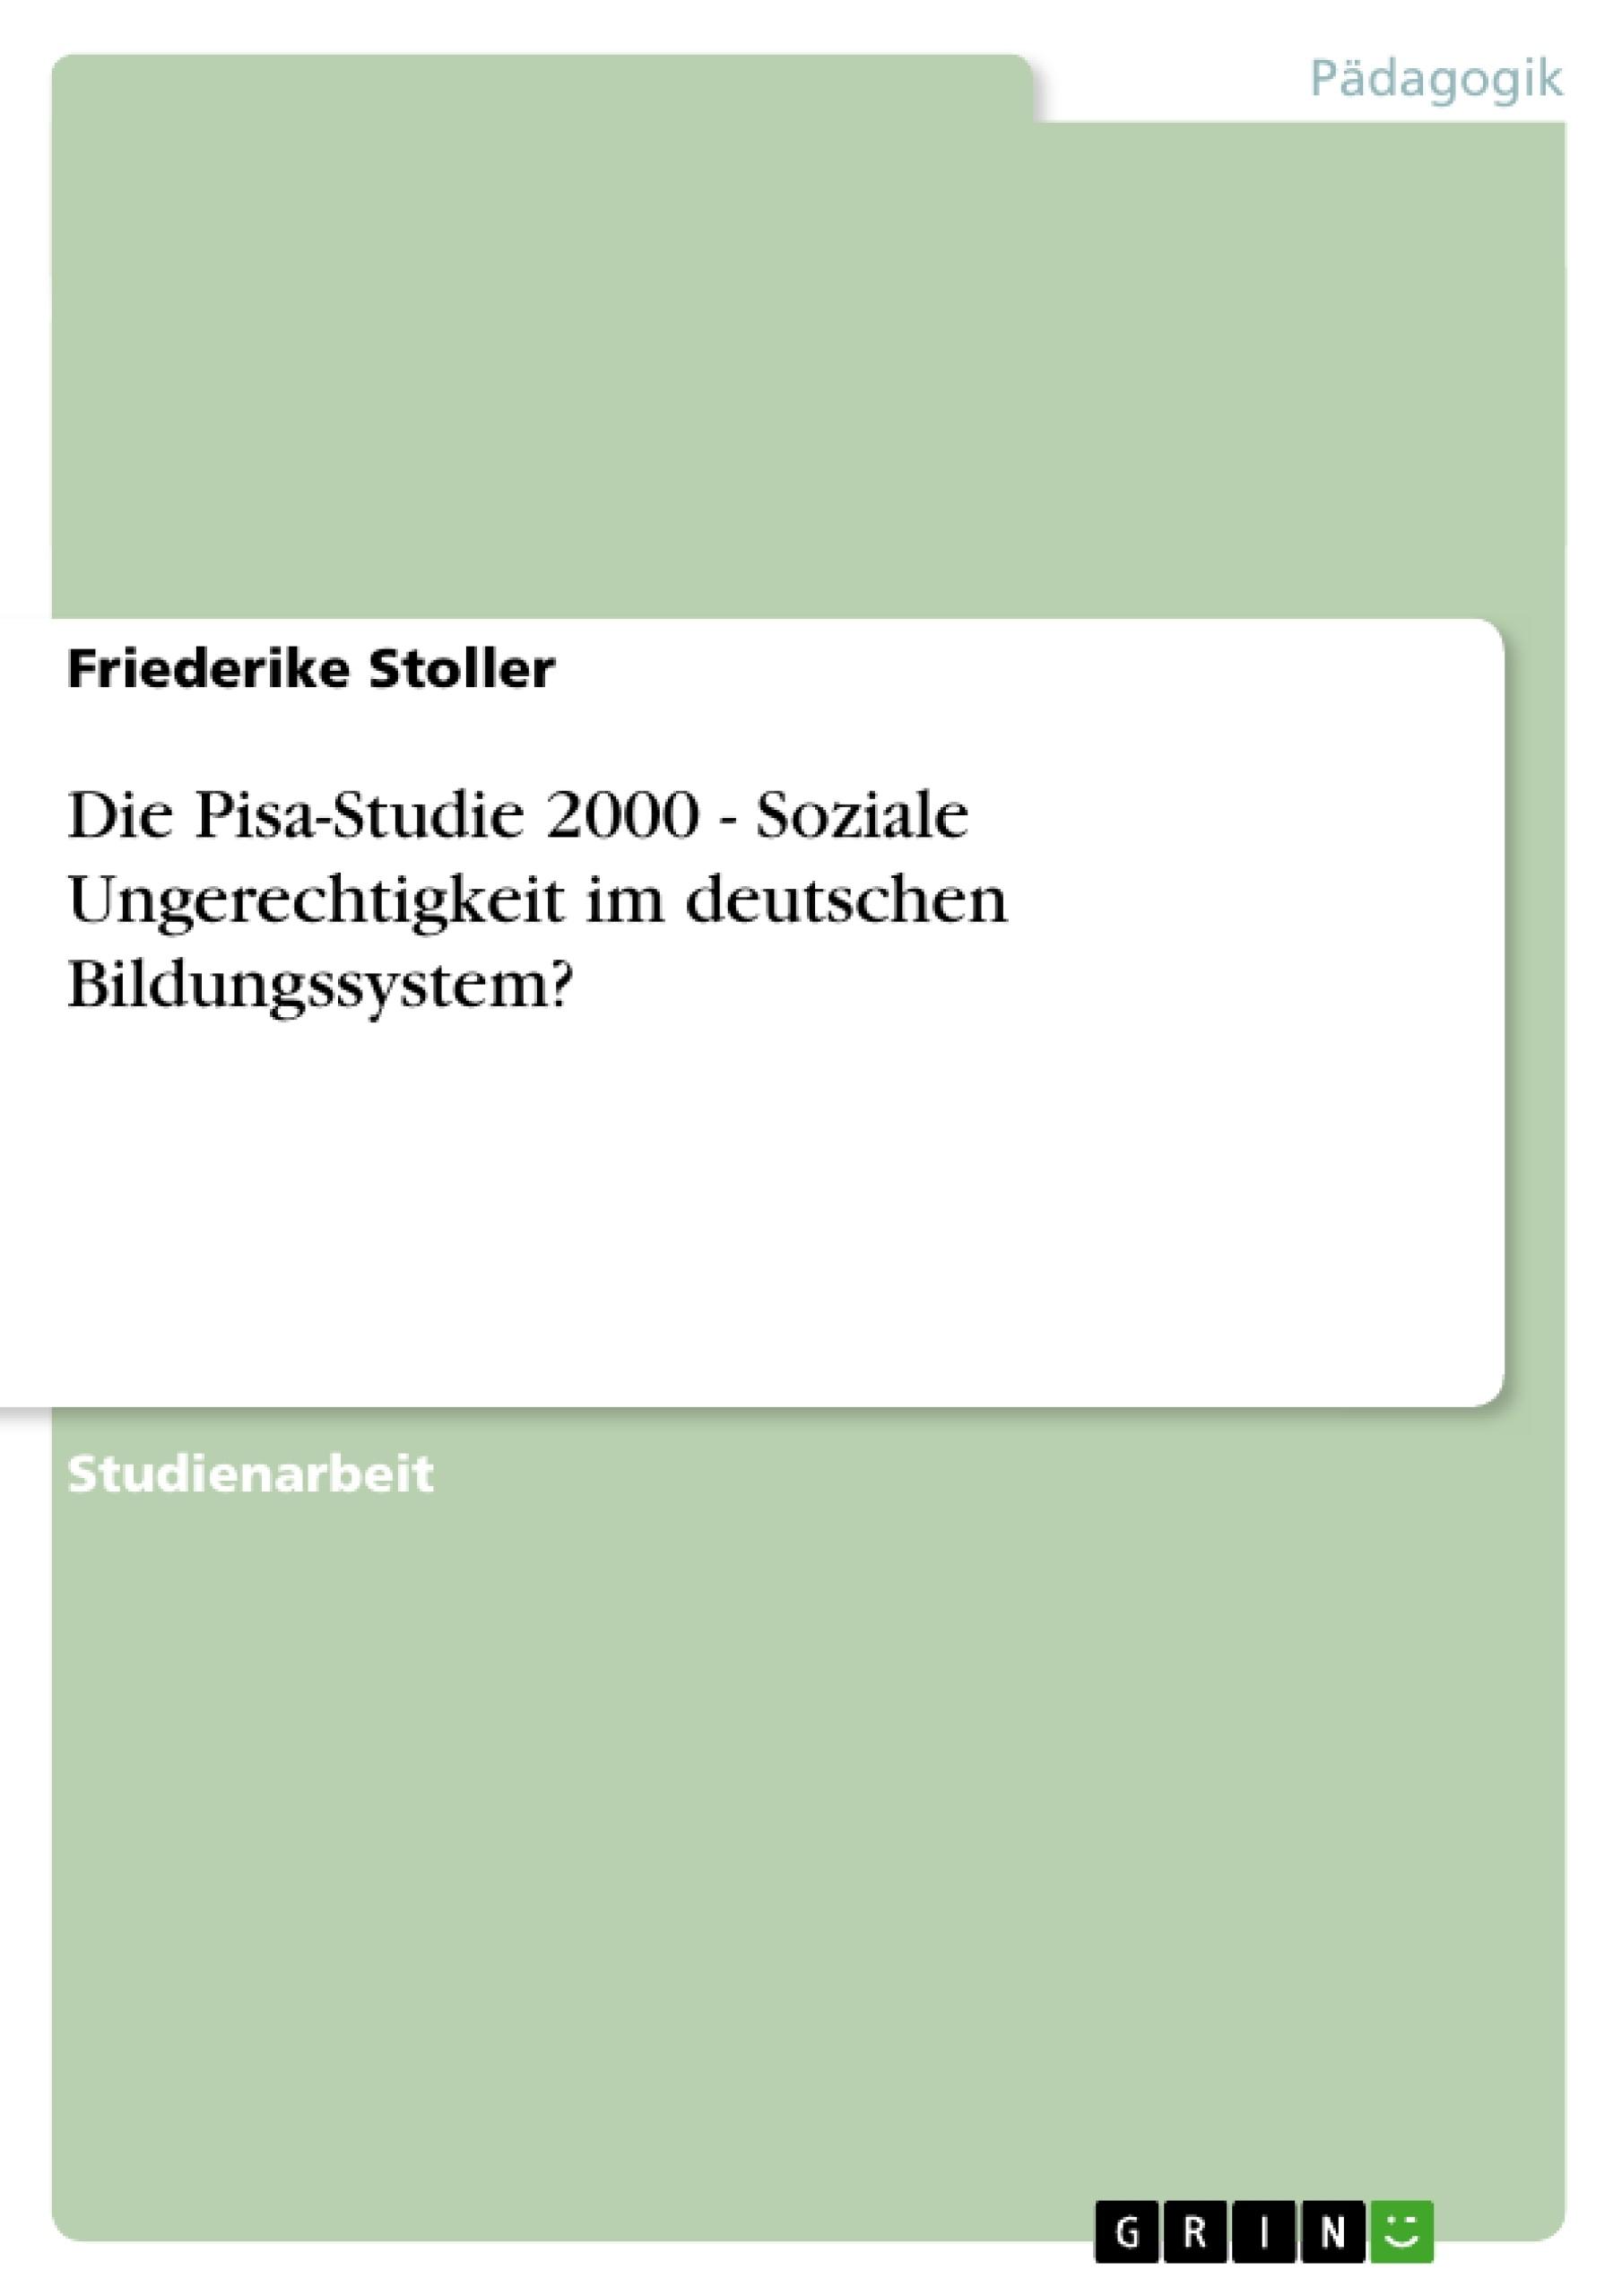 Titel: Die Pisa-Studie 2000 - Soziale Ungerechtigkeit im deutschen Bildungssystem?